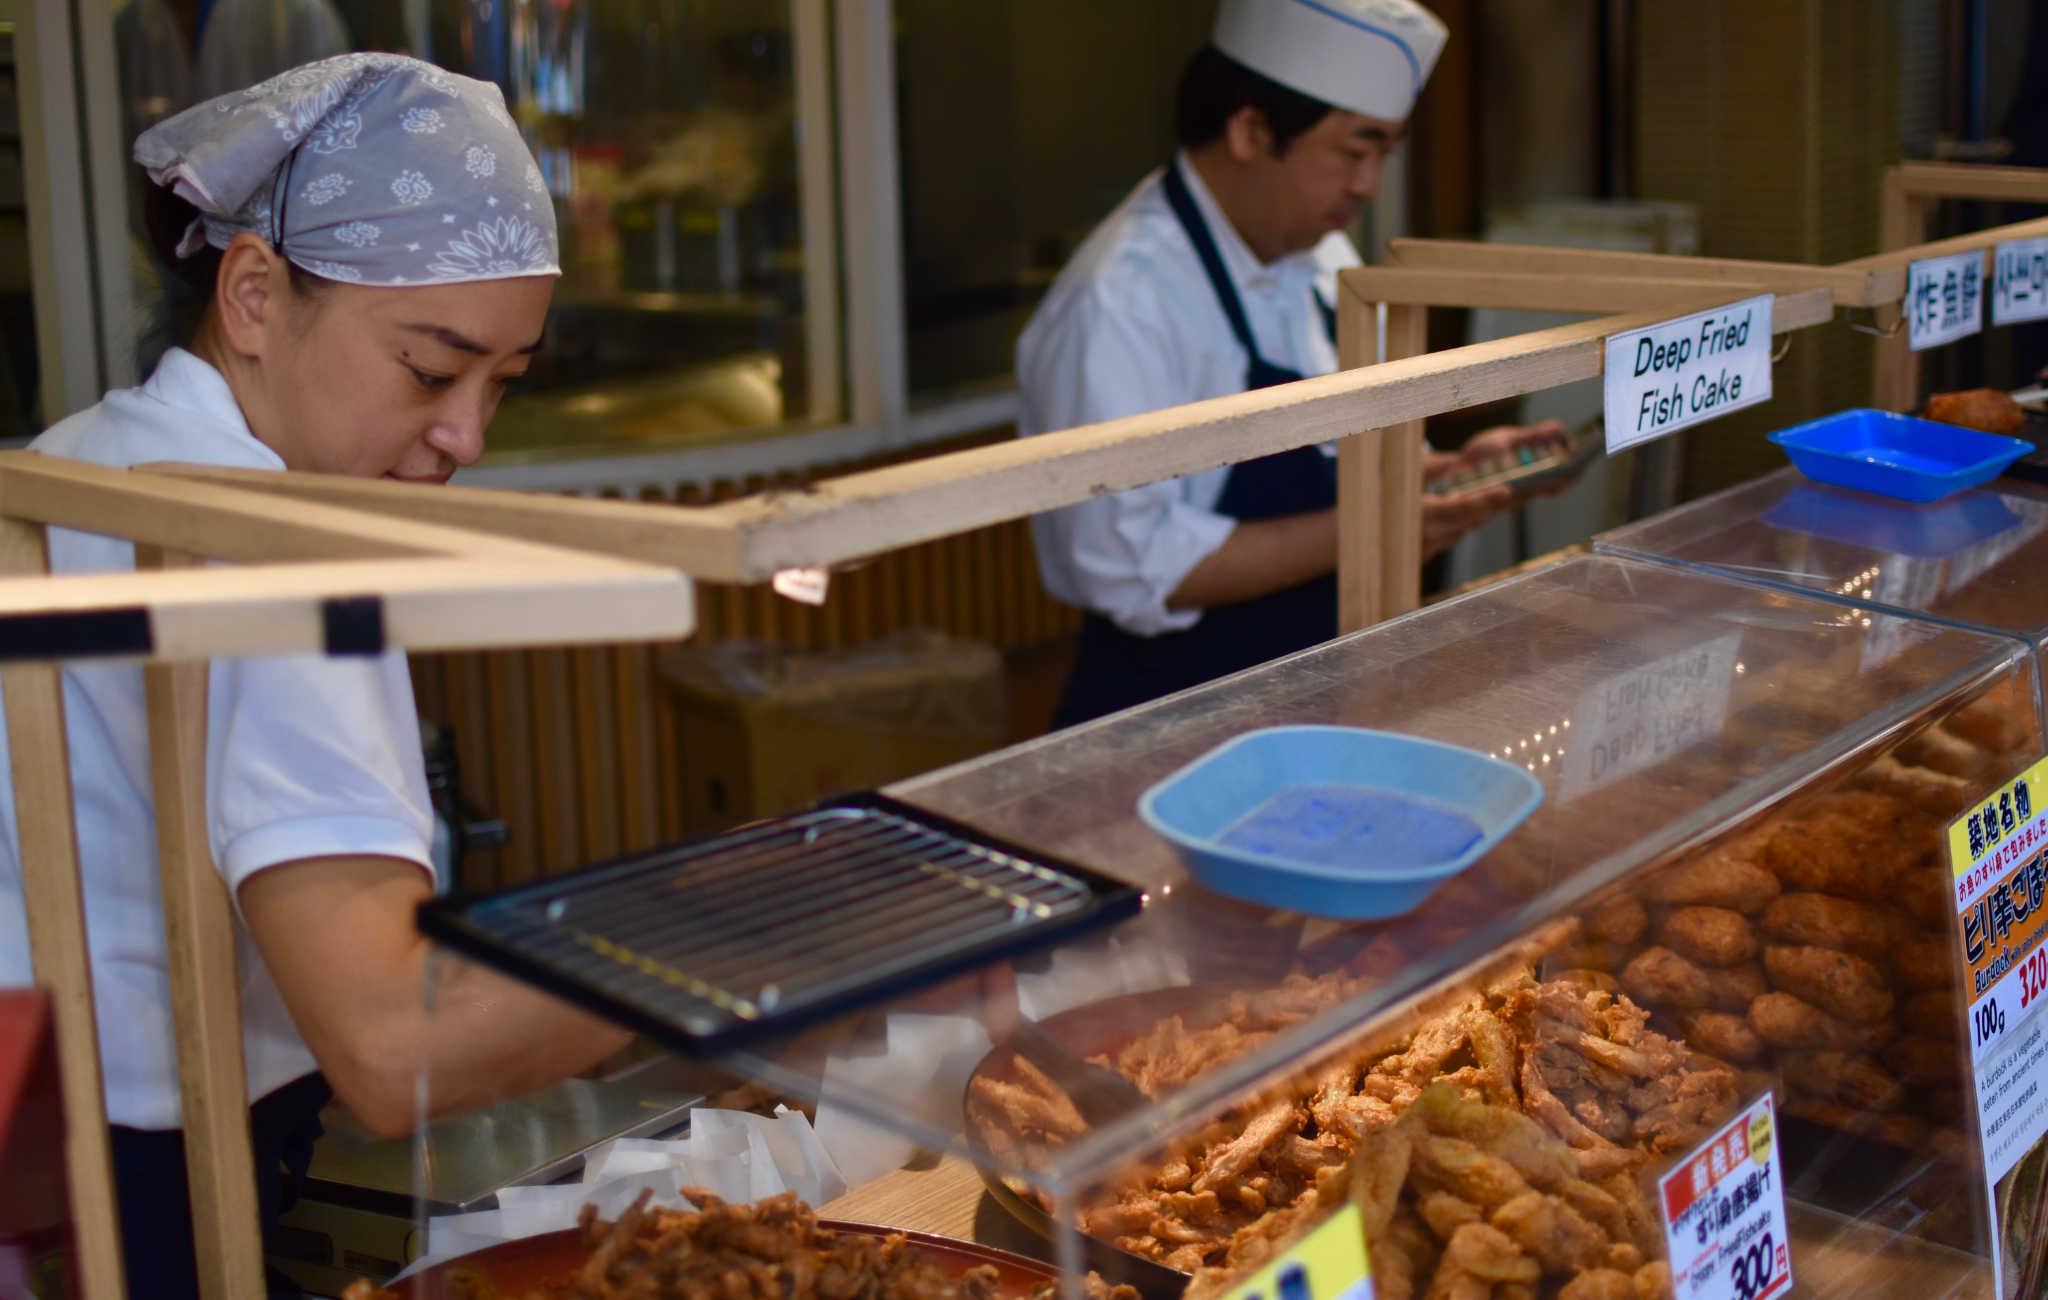 De la friture ou gateaux de poissons, à emporter